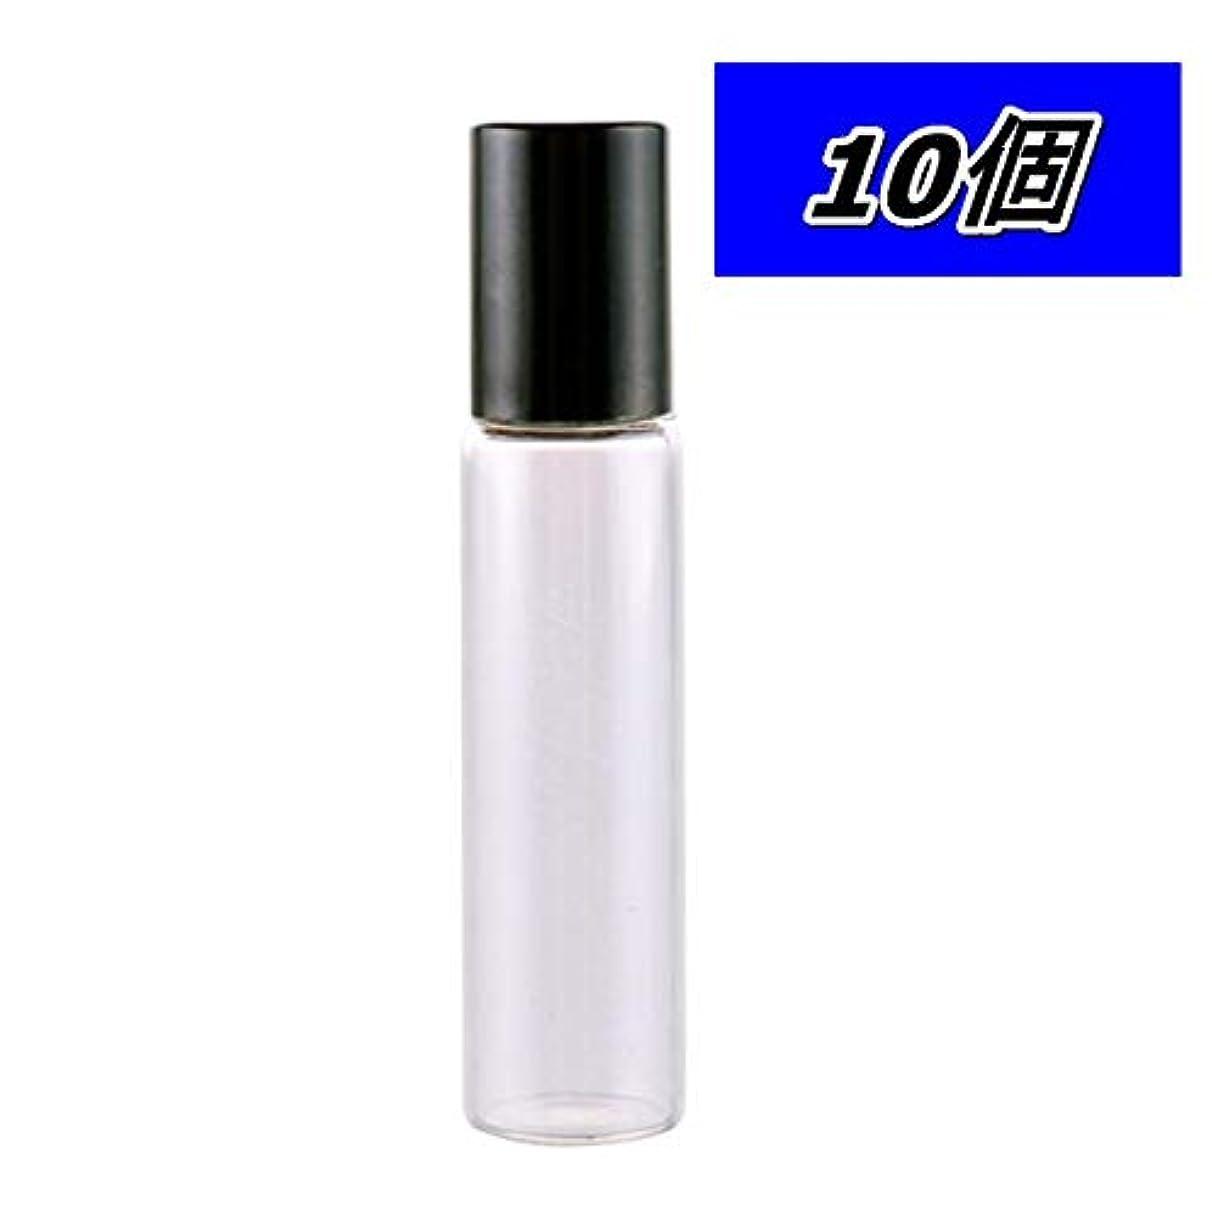 経度無限指標[SP] ロールオンボトル 容器 アロマ ボトル ガラス 瓶 透明 クリア 香水 小分け 持ち運び 10ml 10本 セット